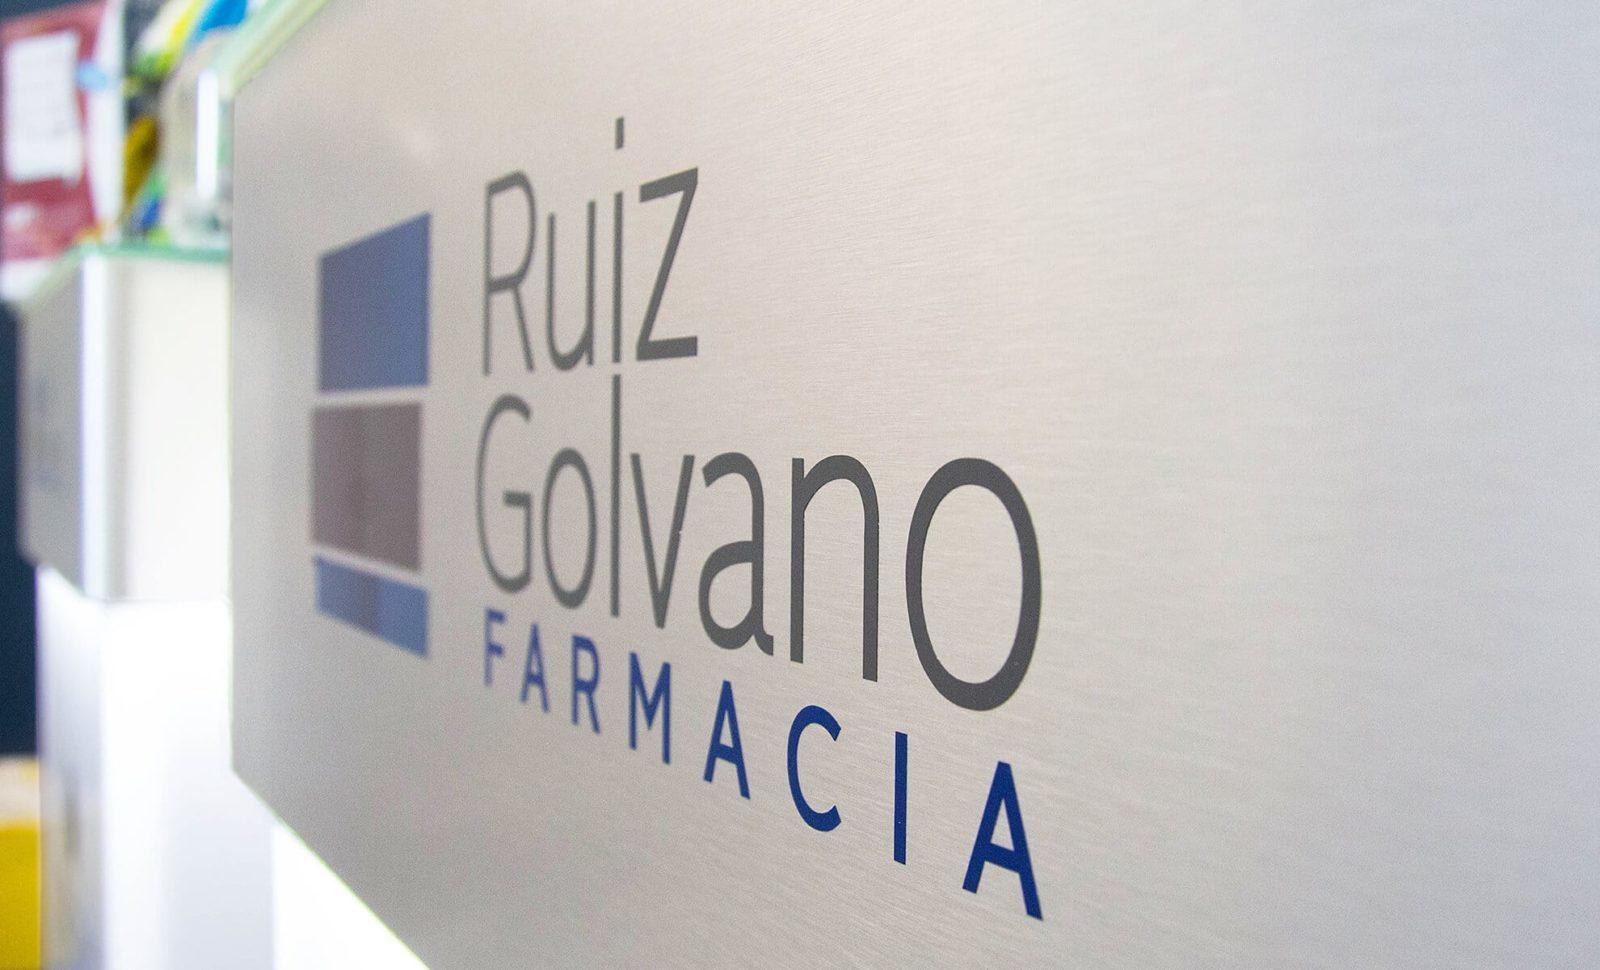 Sirope-proyectos-agencia-branding-diseño-packaging-farmacia-ruiz golvano 1-1